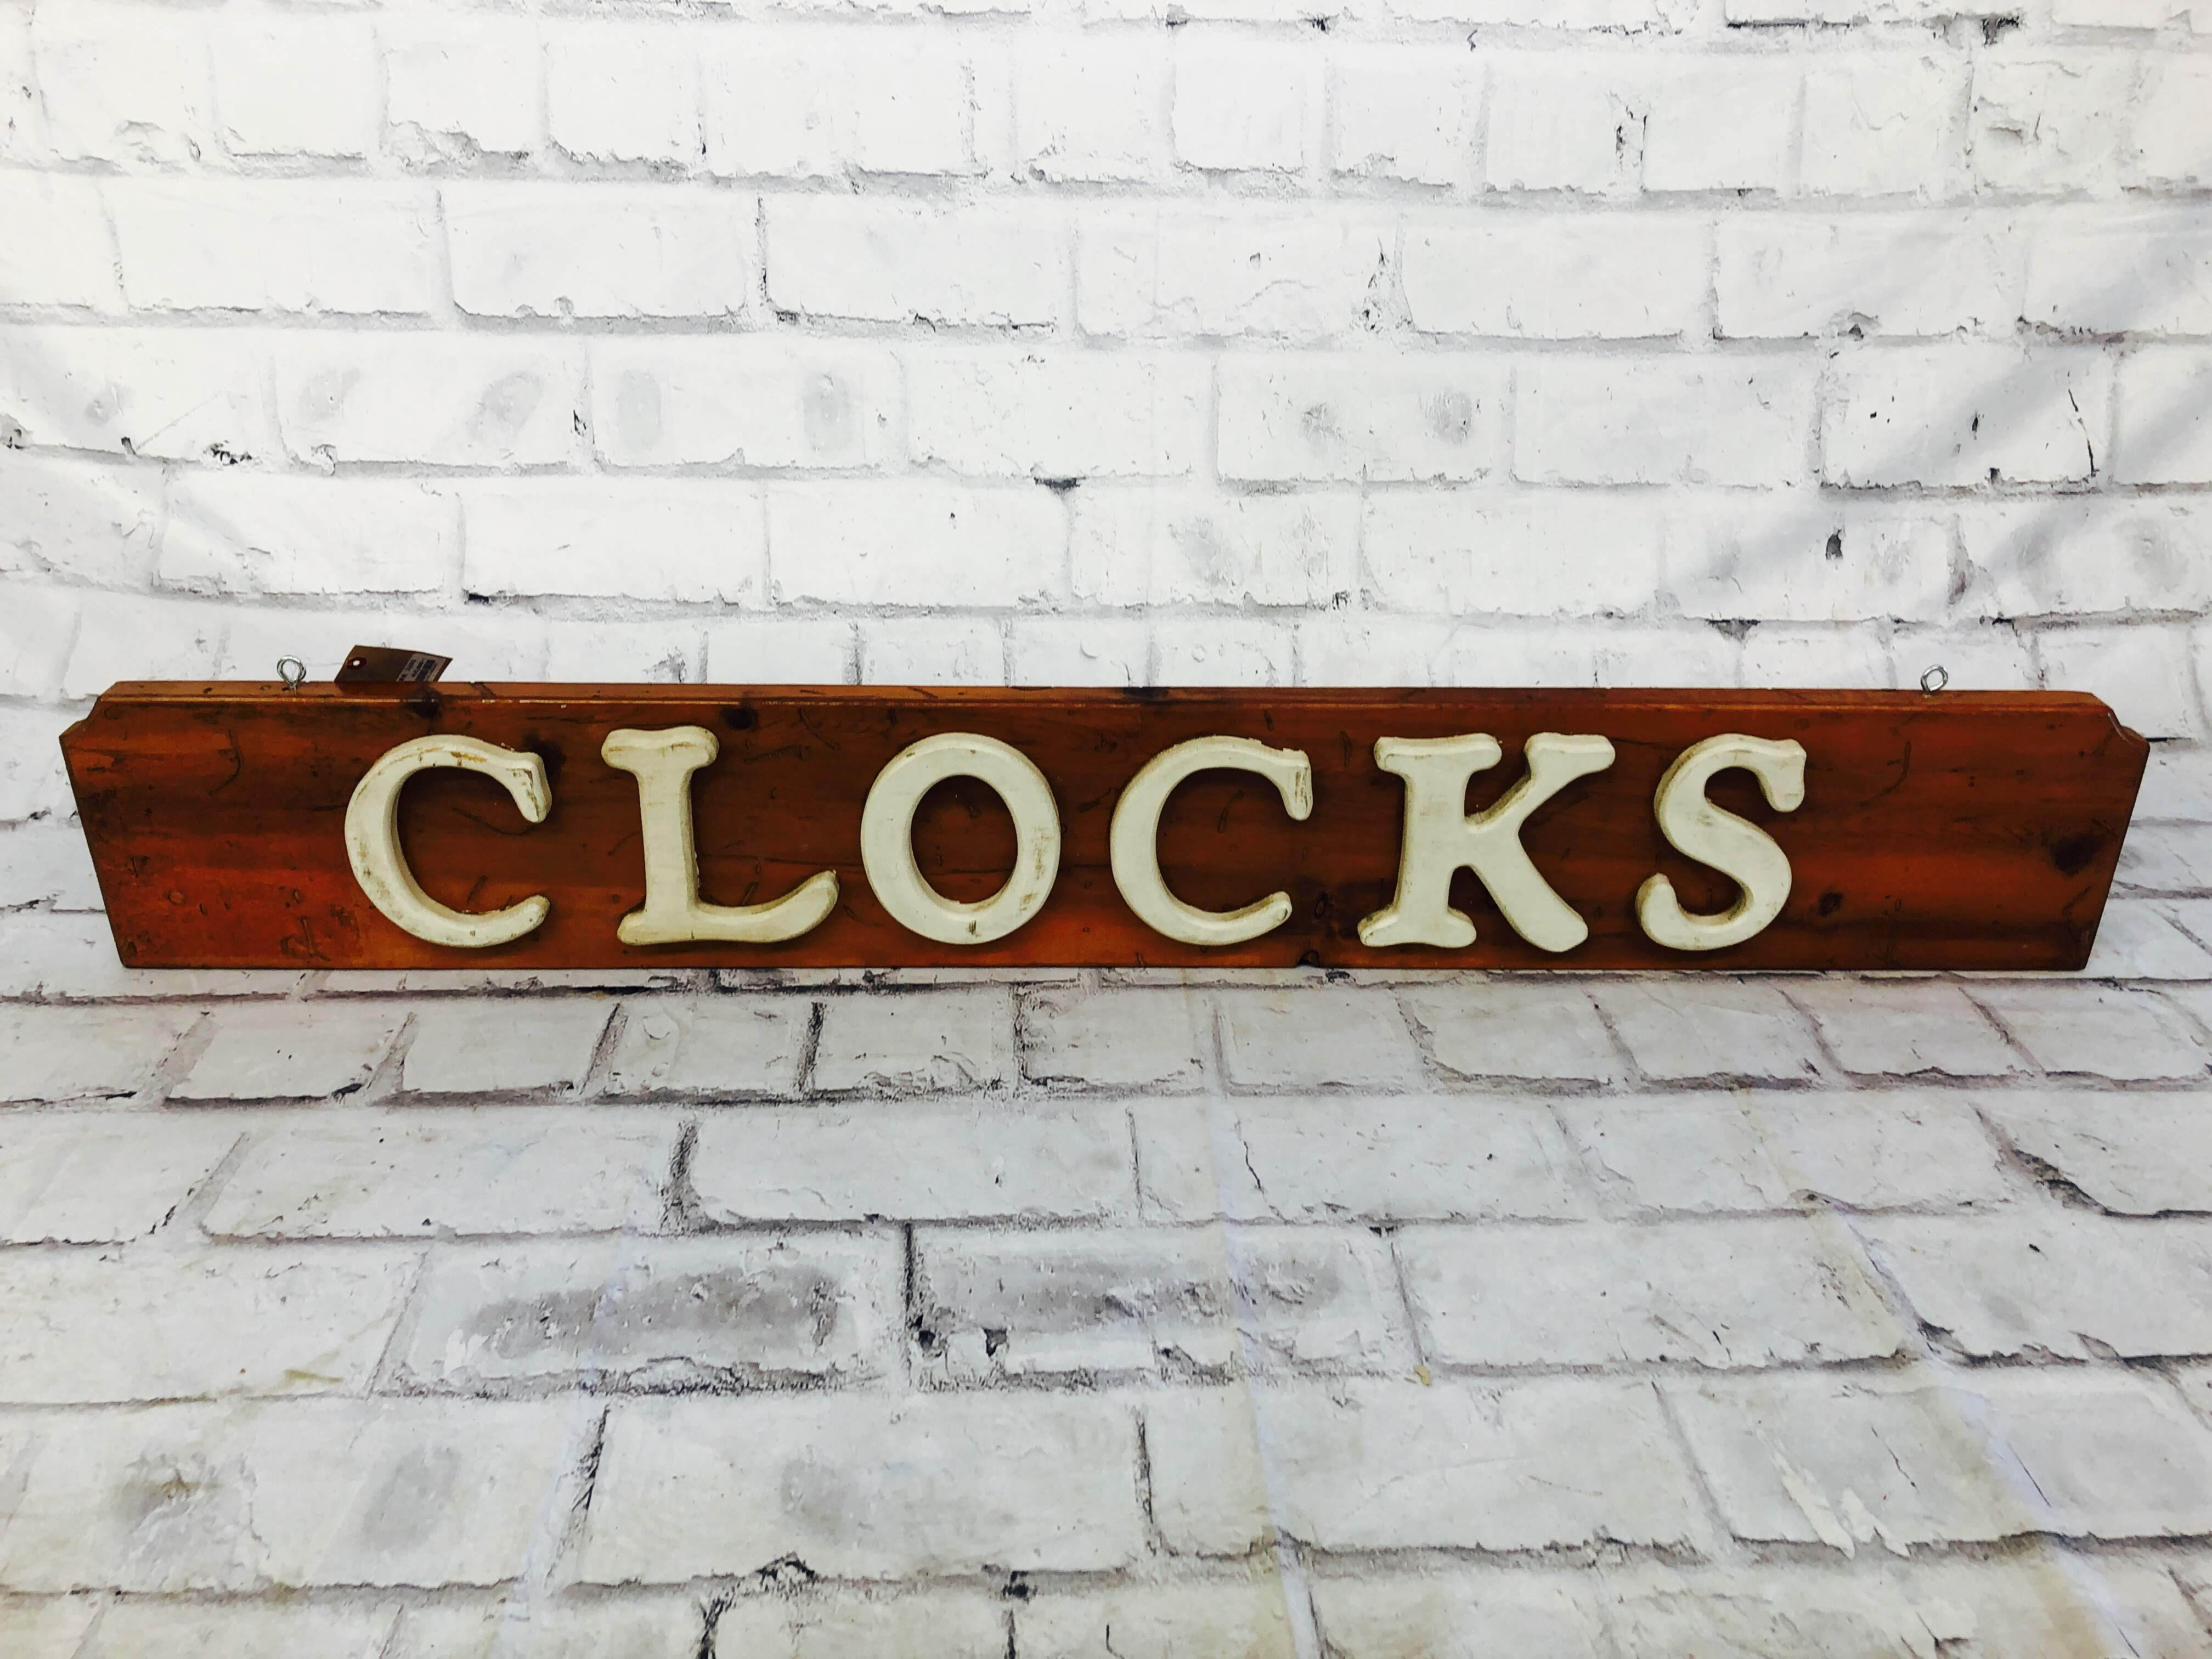 品番2055 サインボード 『CLOCKS』 木製 壁掛 看板 アメリカン雑貨 ヴィンテージ